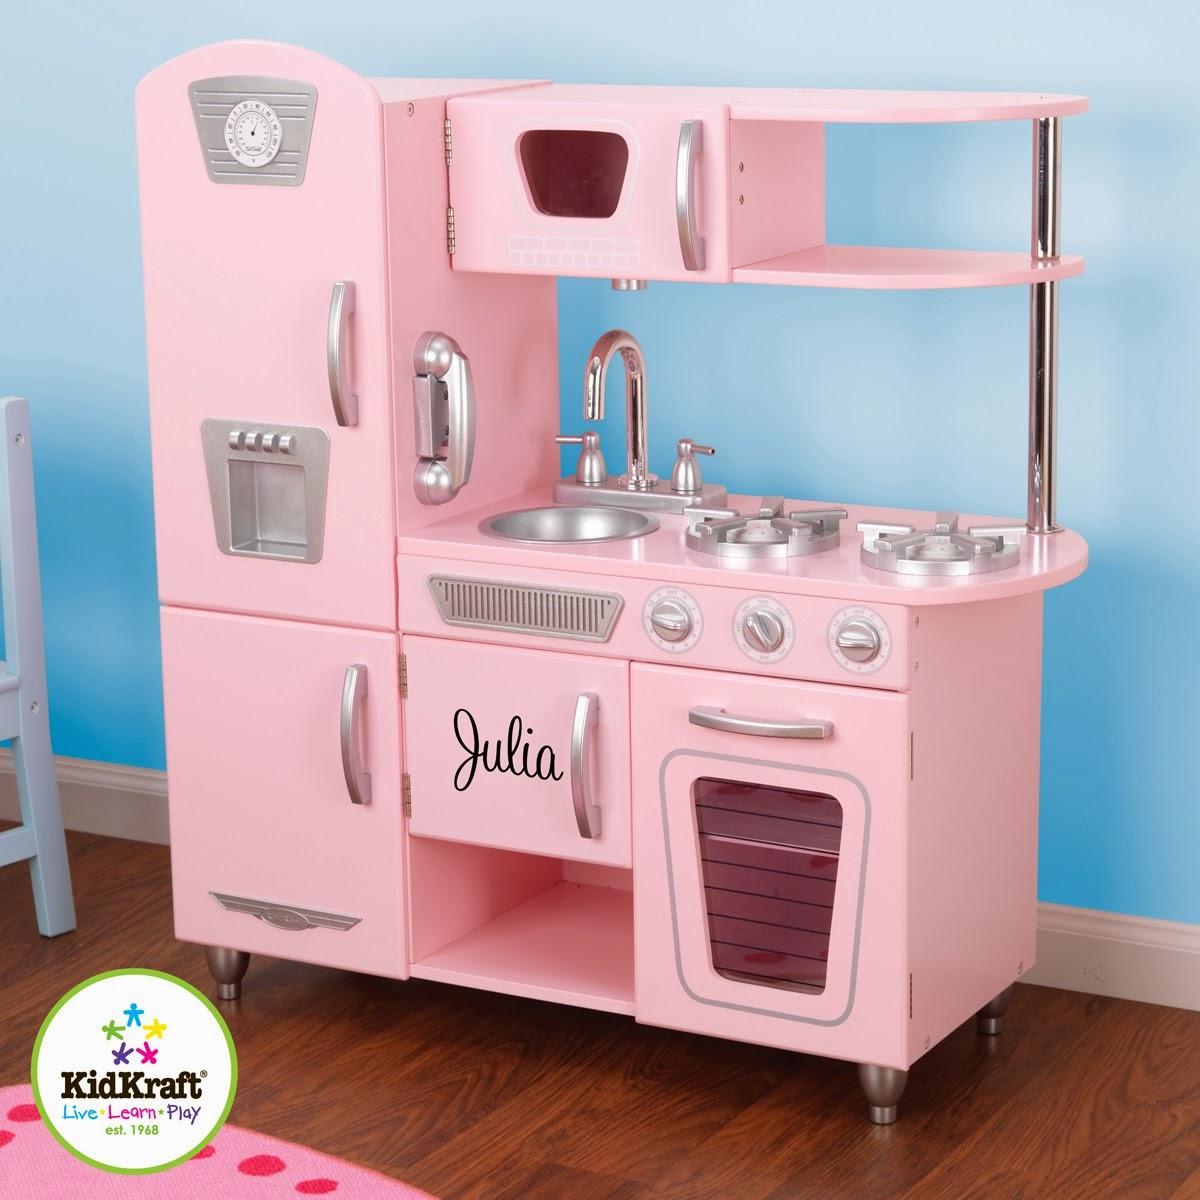 Kidkraft Wooden Kitchen. Children's Wooden Toys Toy Play ...